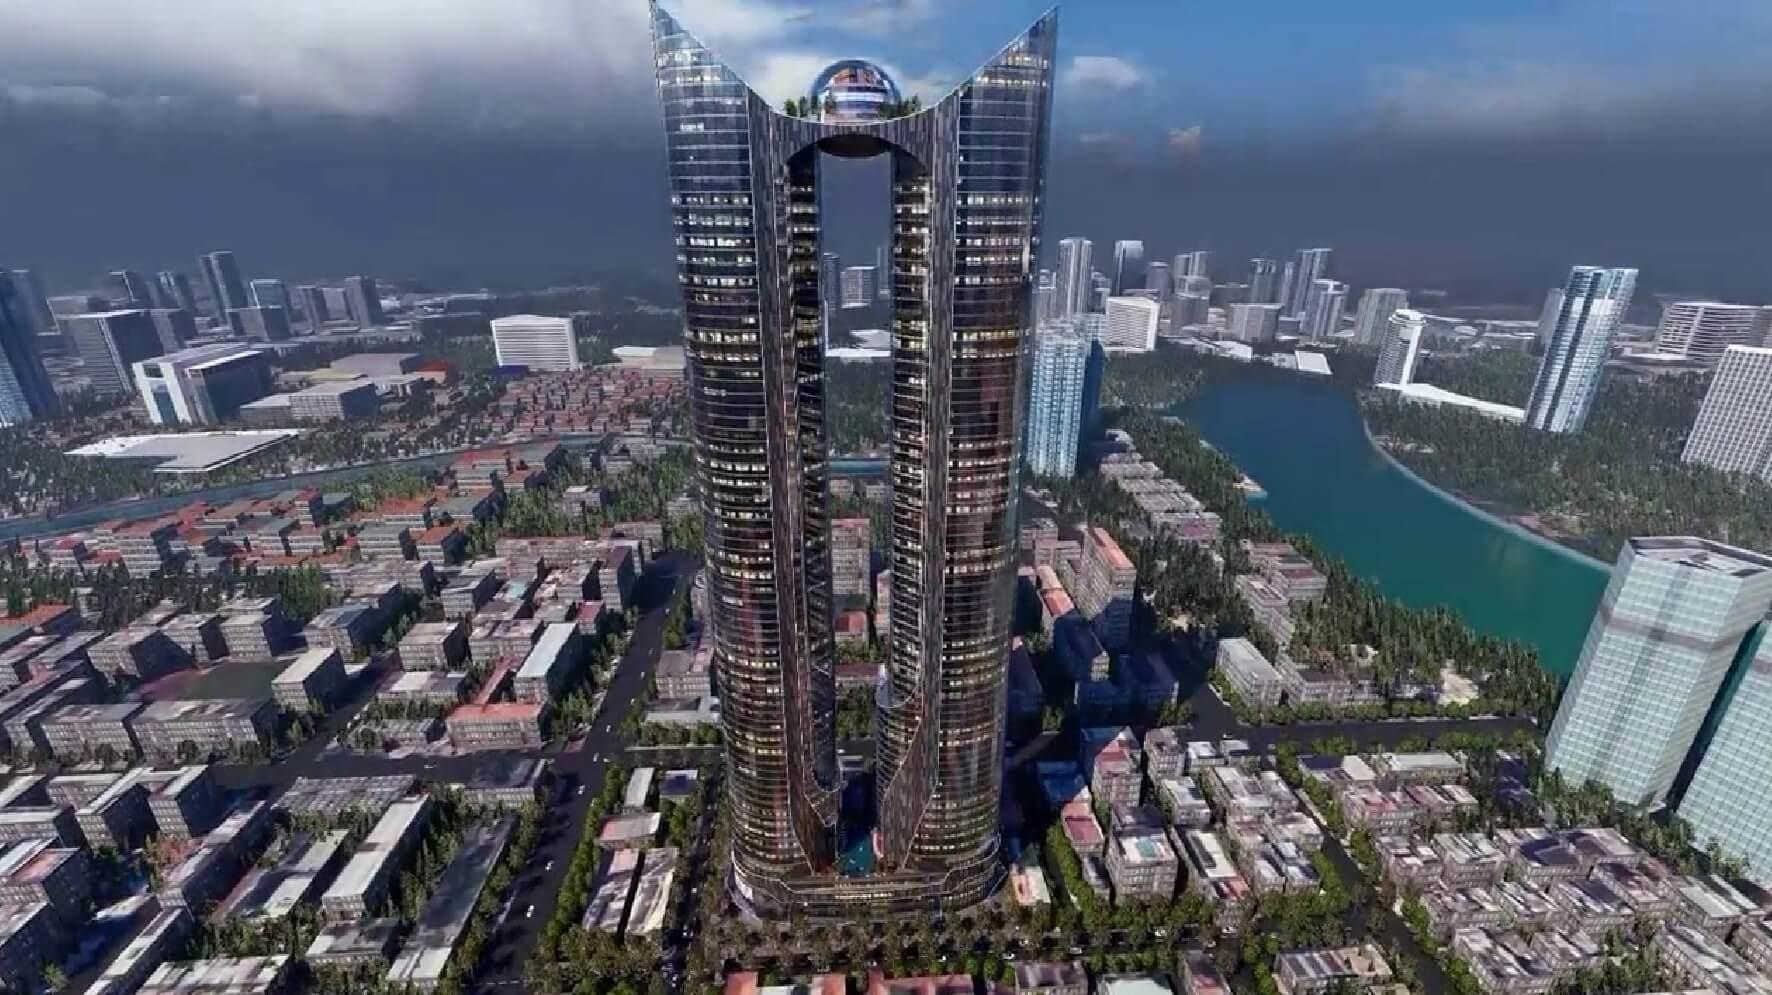 Giới thiệu sơ lược về dự án Sunshine Tower Quận 1 du an sunshine tower quan 1 1